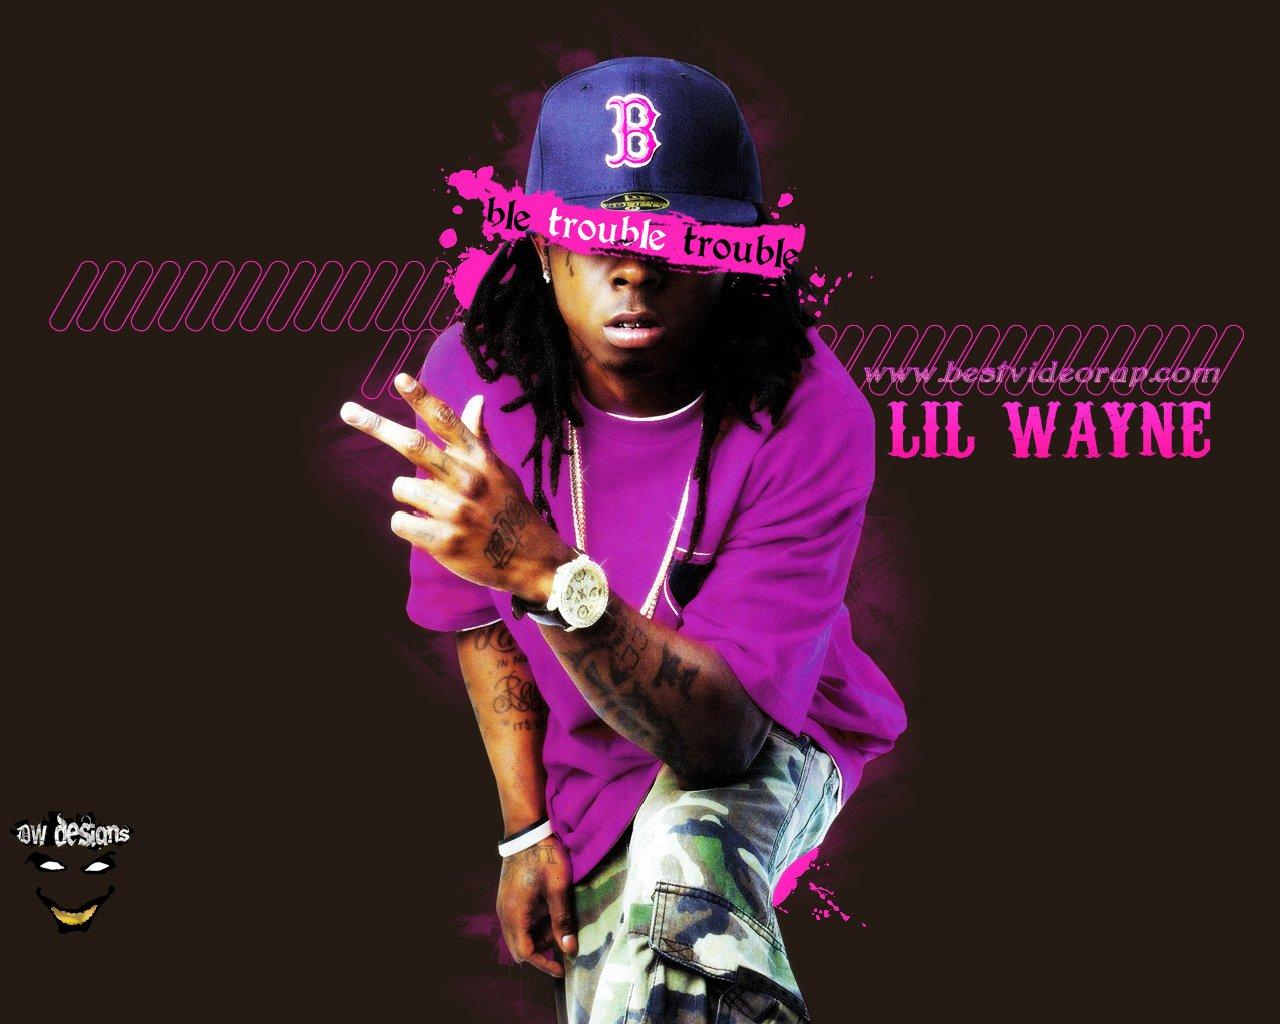 http://2.bp.blogspot.com/_TpqXMiFczP4/SwXKm1wvSUI/AAAAAAAAEfE/0a5J6vW8NBM/s1600/Lil+Wayne+%283%29.jpg